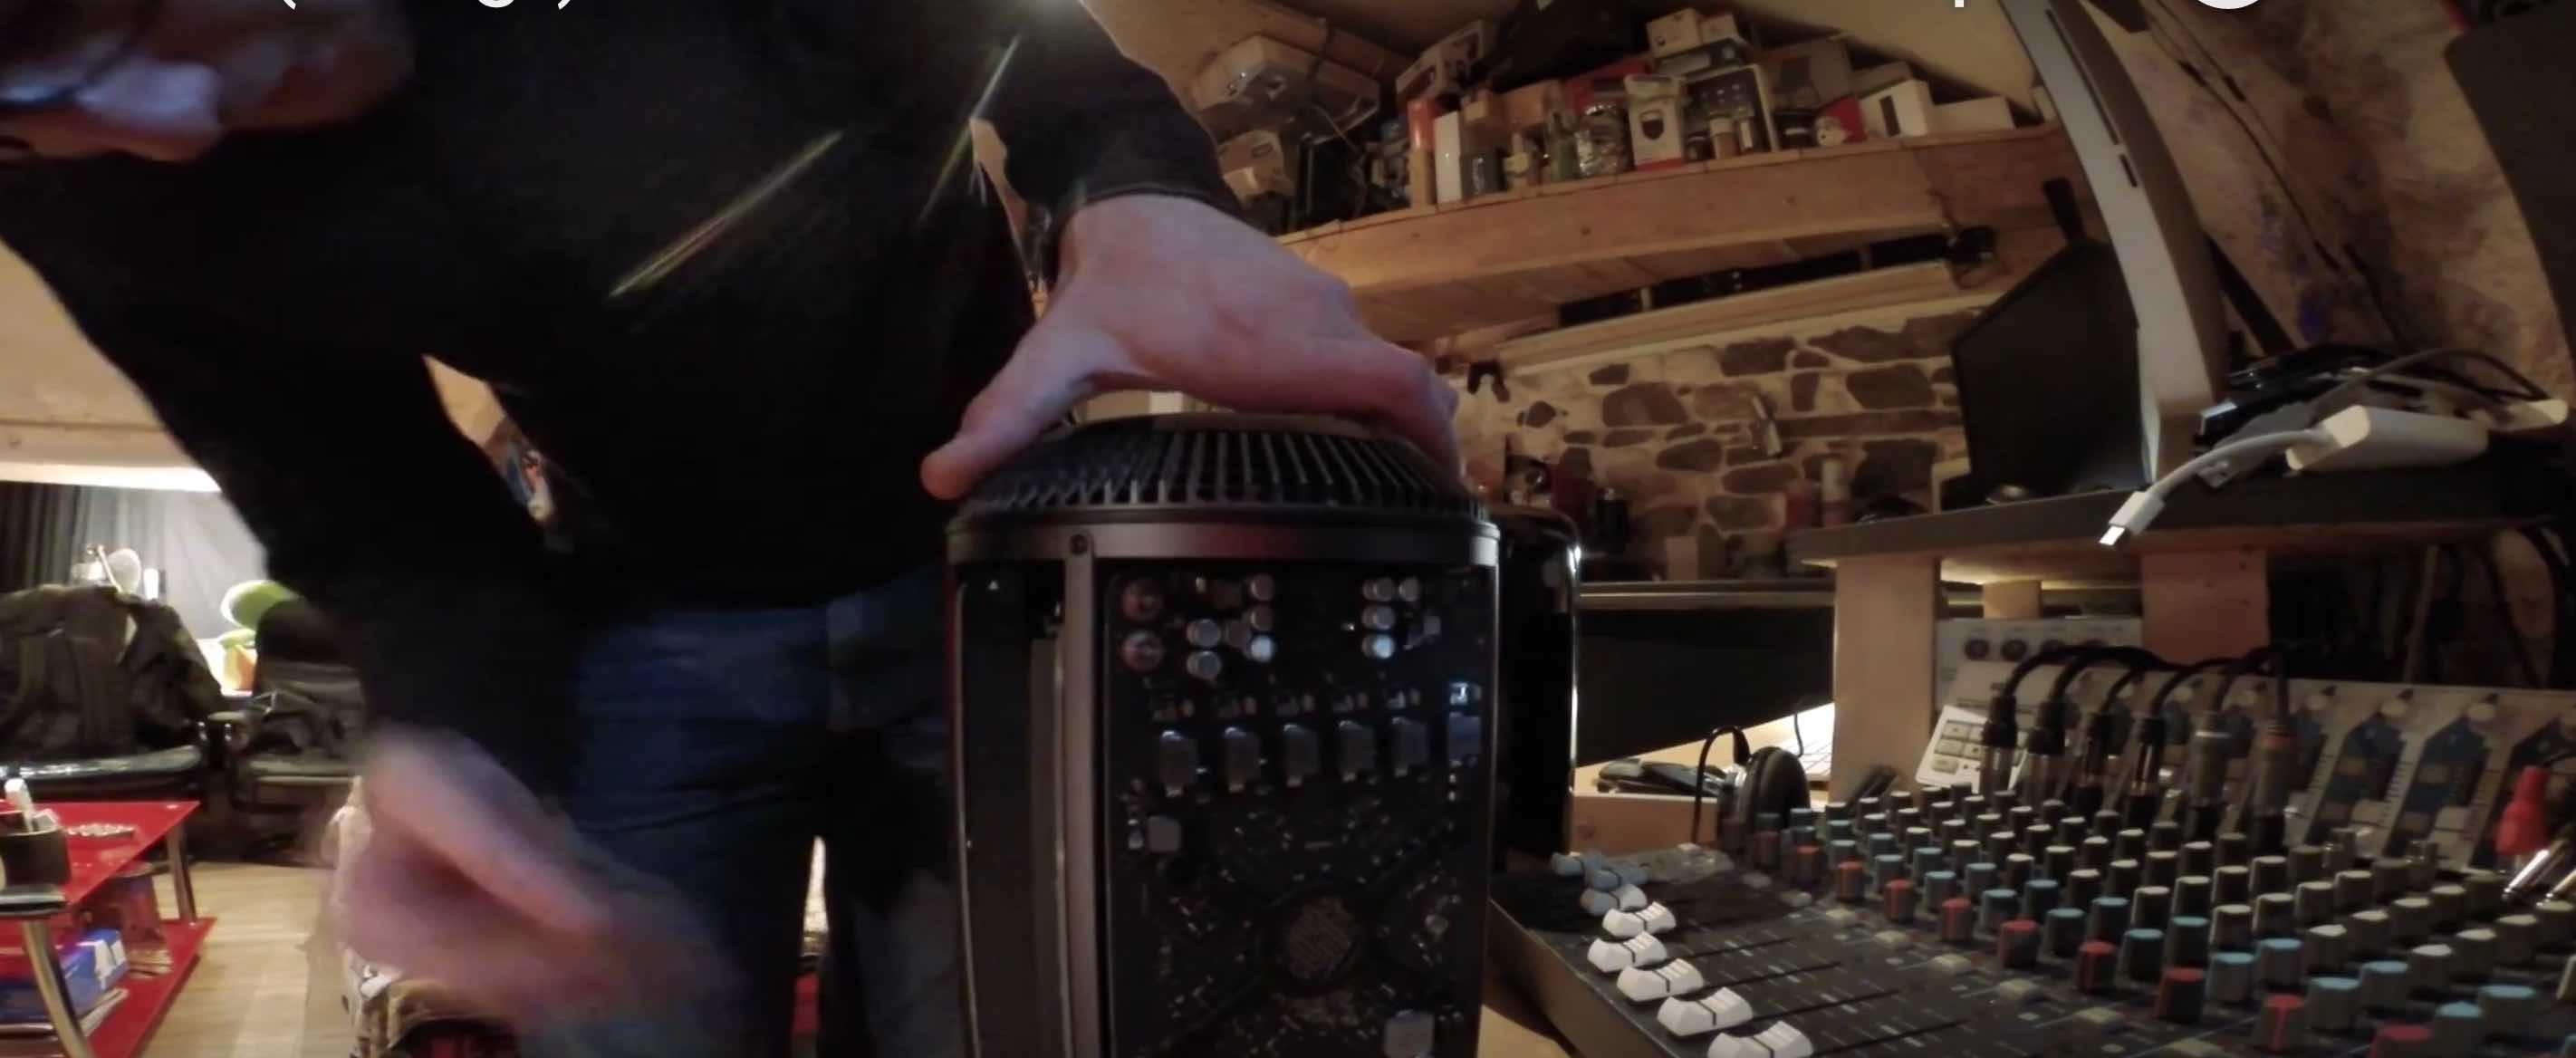 Panne de MacPro et compresseur – Vlog#27